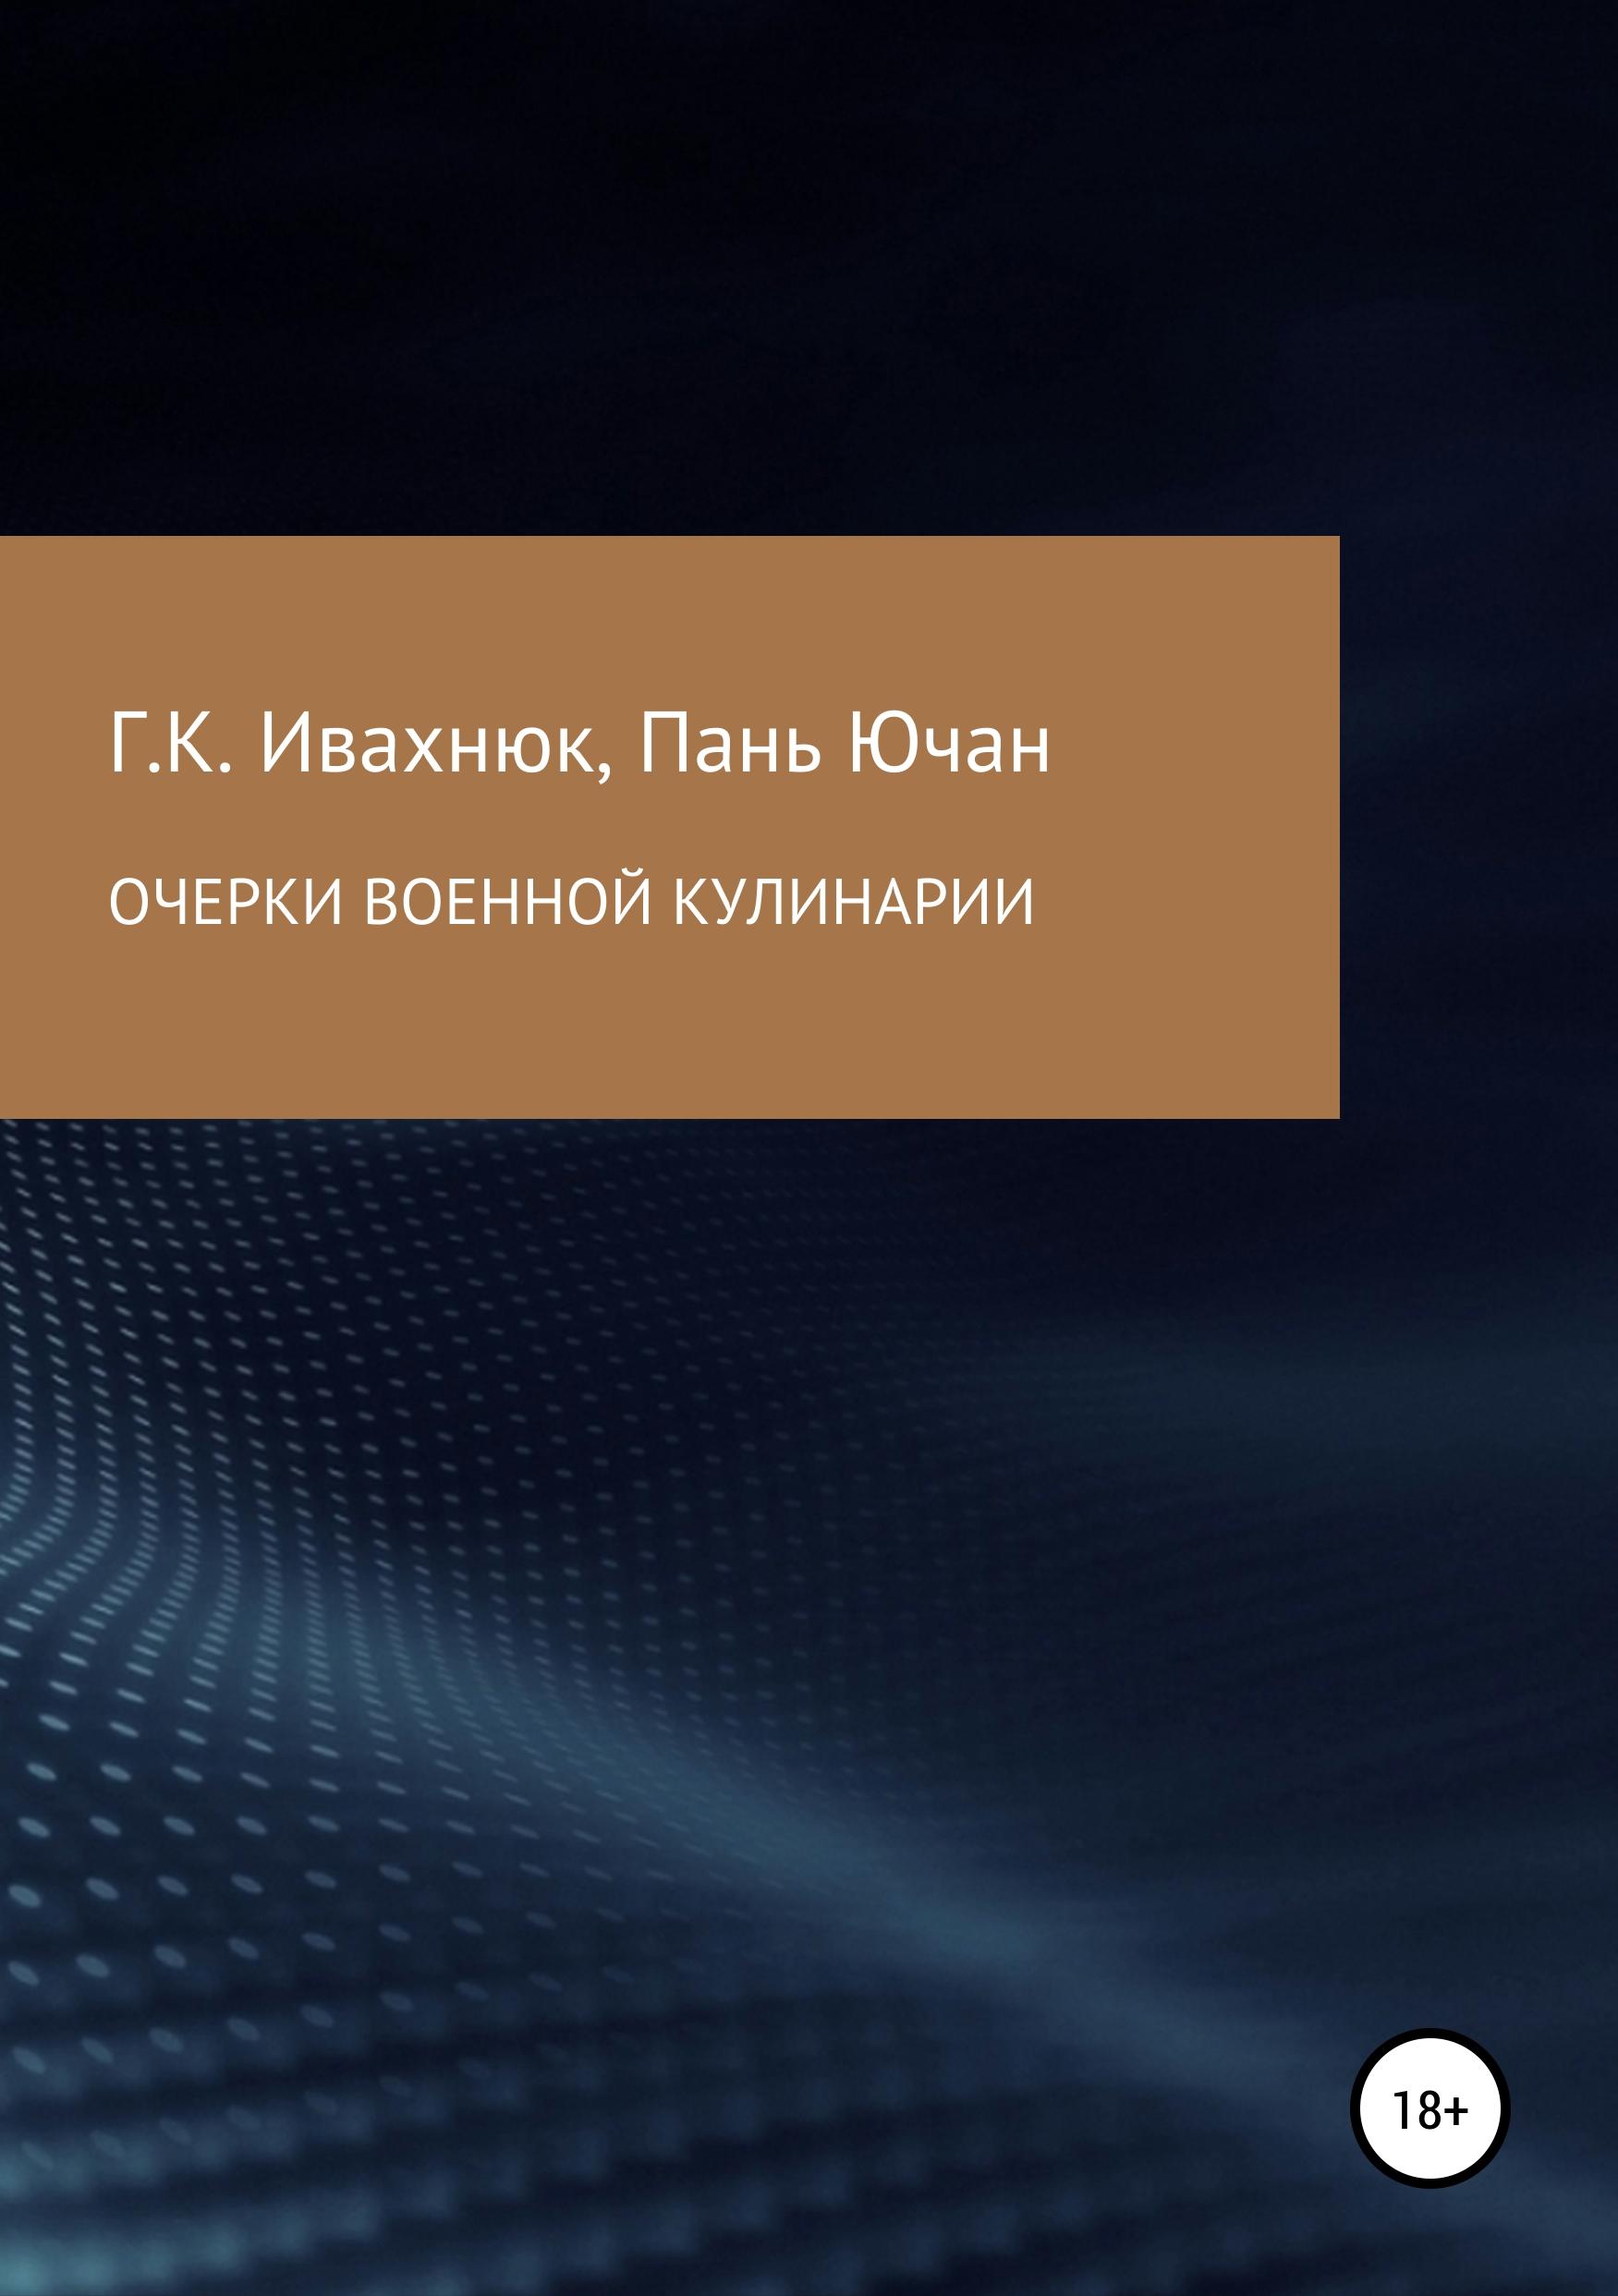 Купить книгу Очерки военной кулинарии, автора Паня Ючан